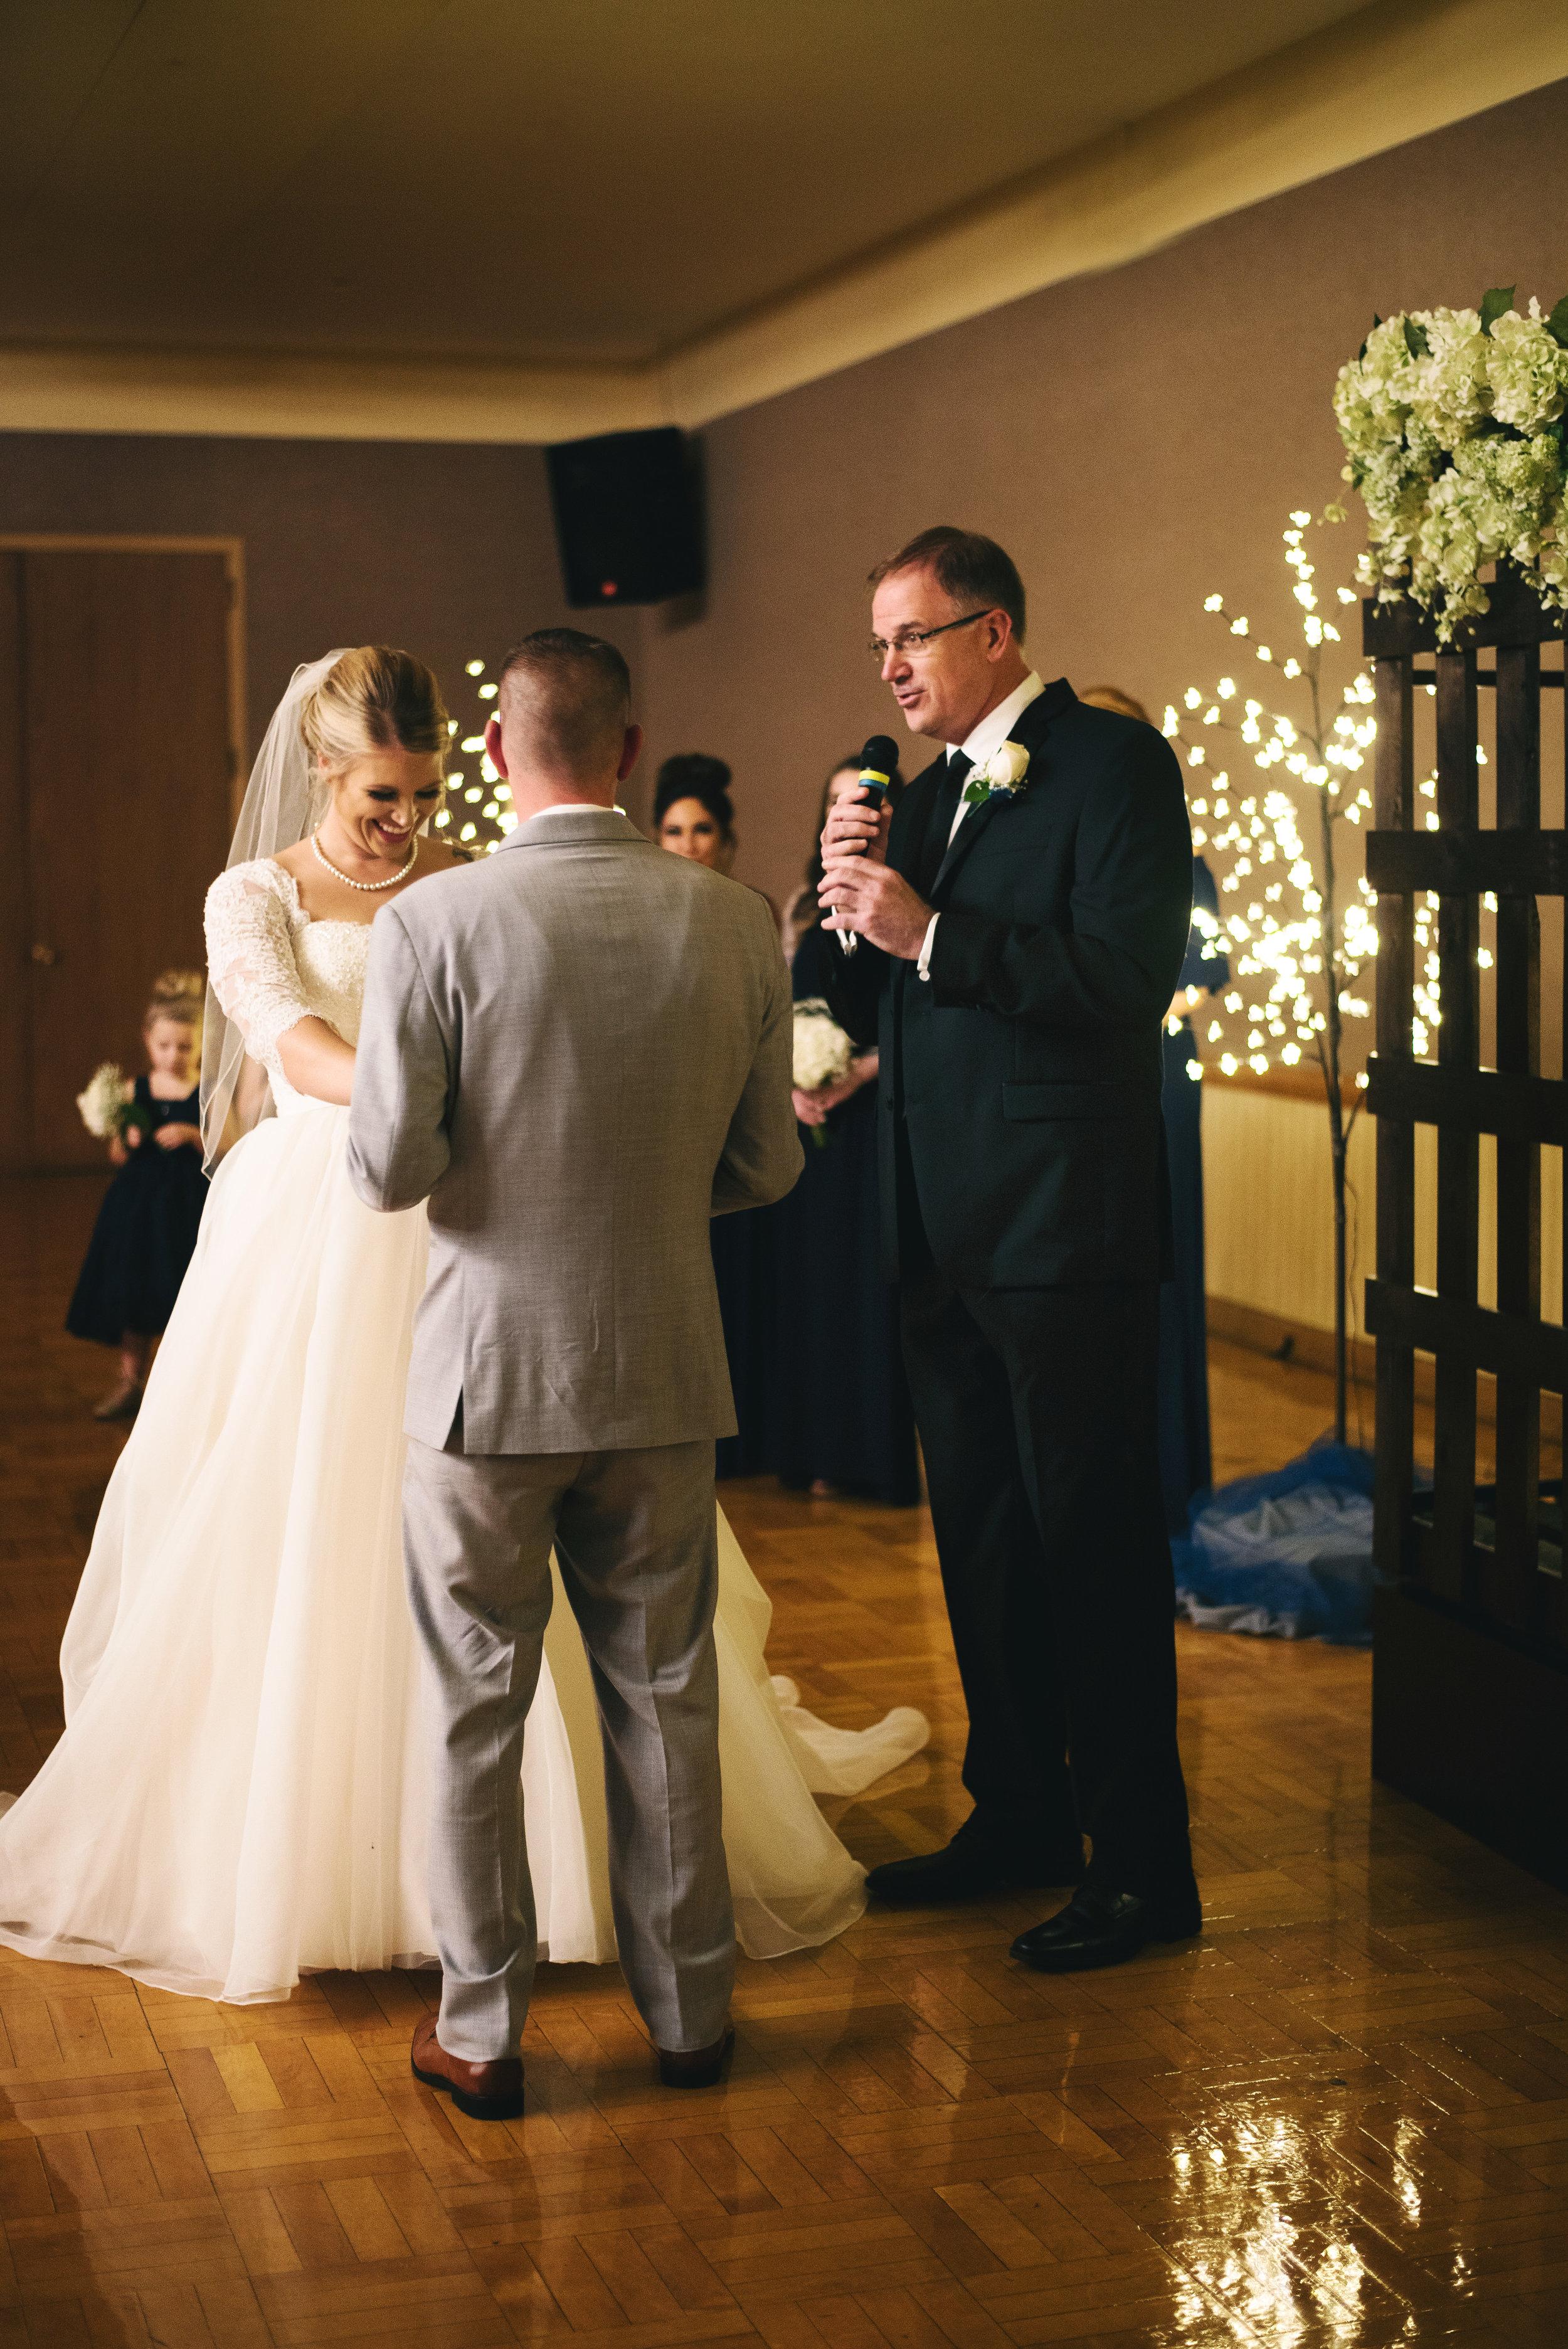 King-Northern-Illinois-University-Wedding064.jpg